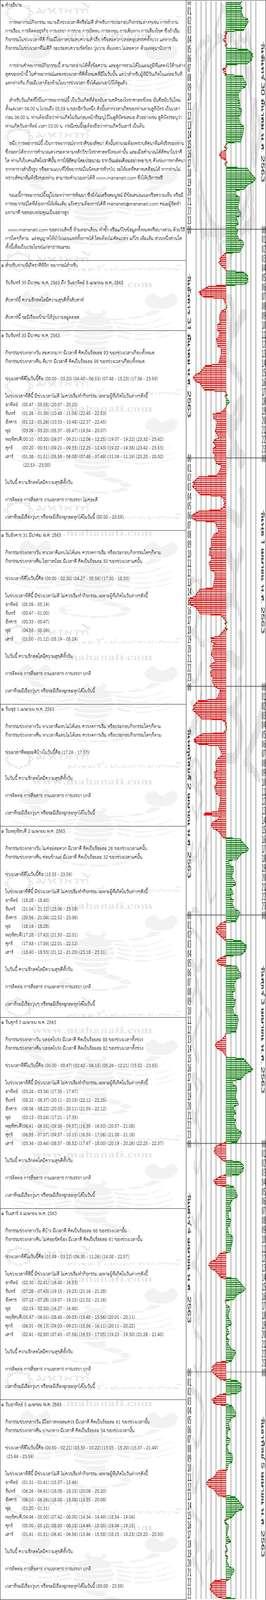 q7r0852f7Sk3meMe2k9-o.jpg